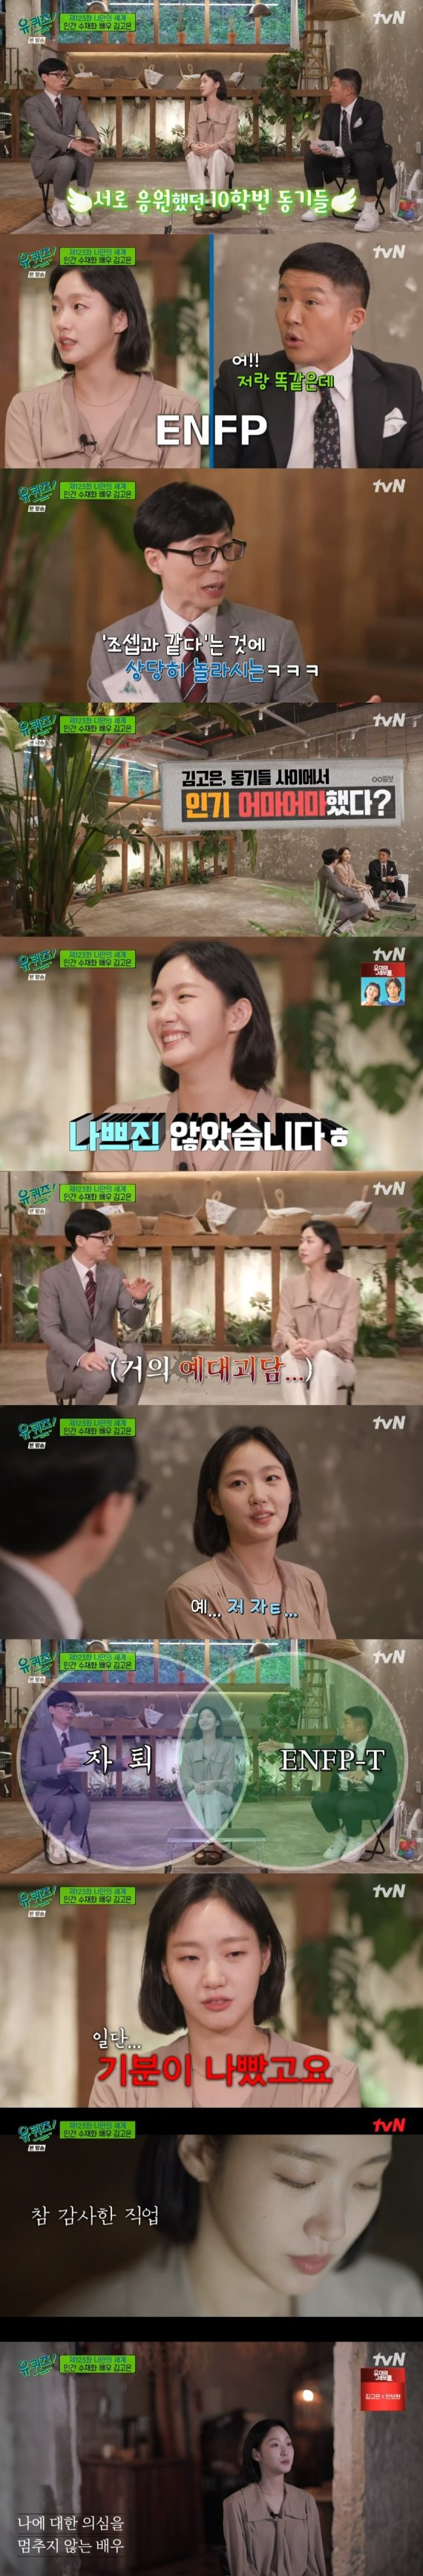 """김고은 '유퀴즈' 떴다…""""한예종 자퇴, 배우는 참 감사한 직업""""(종합)"""